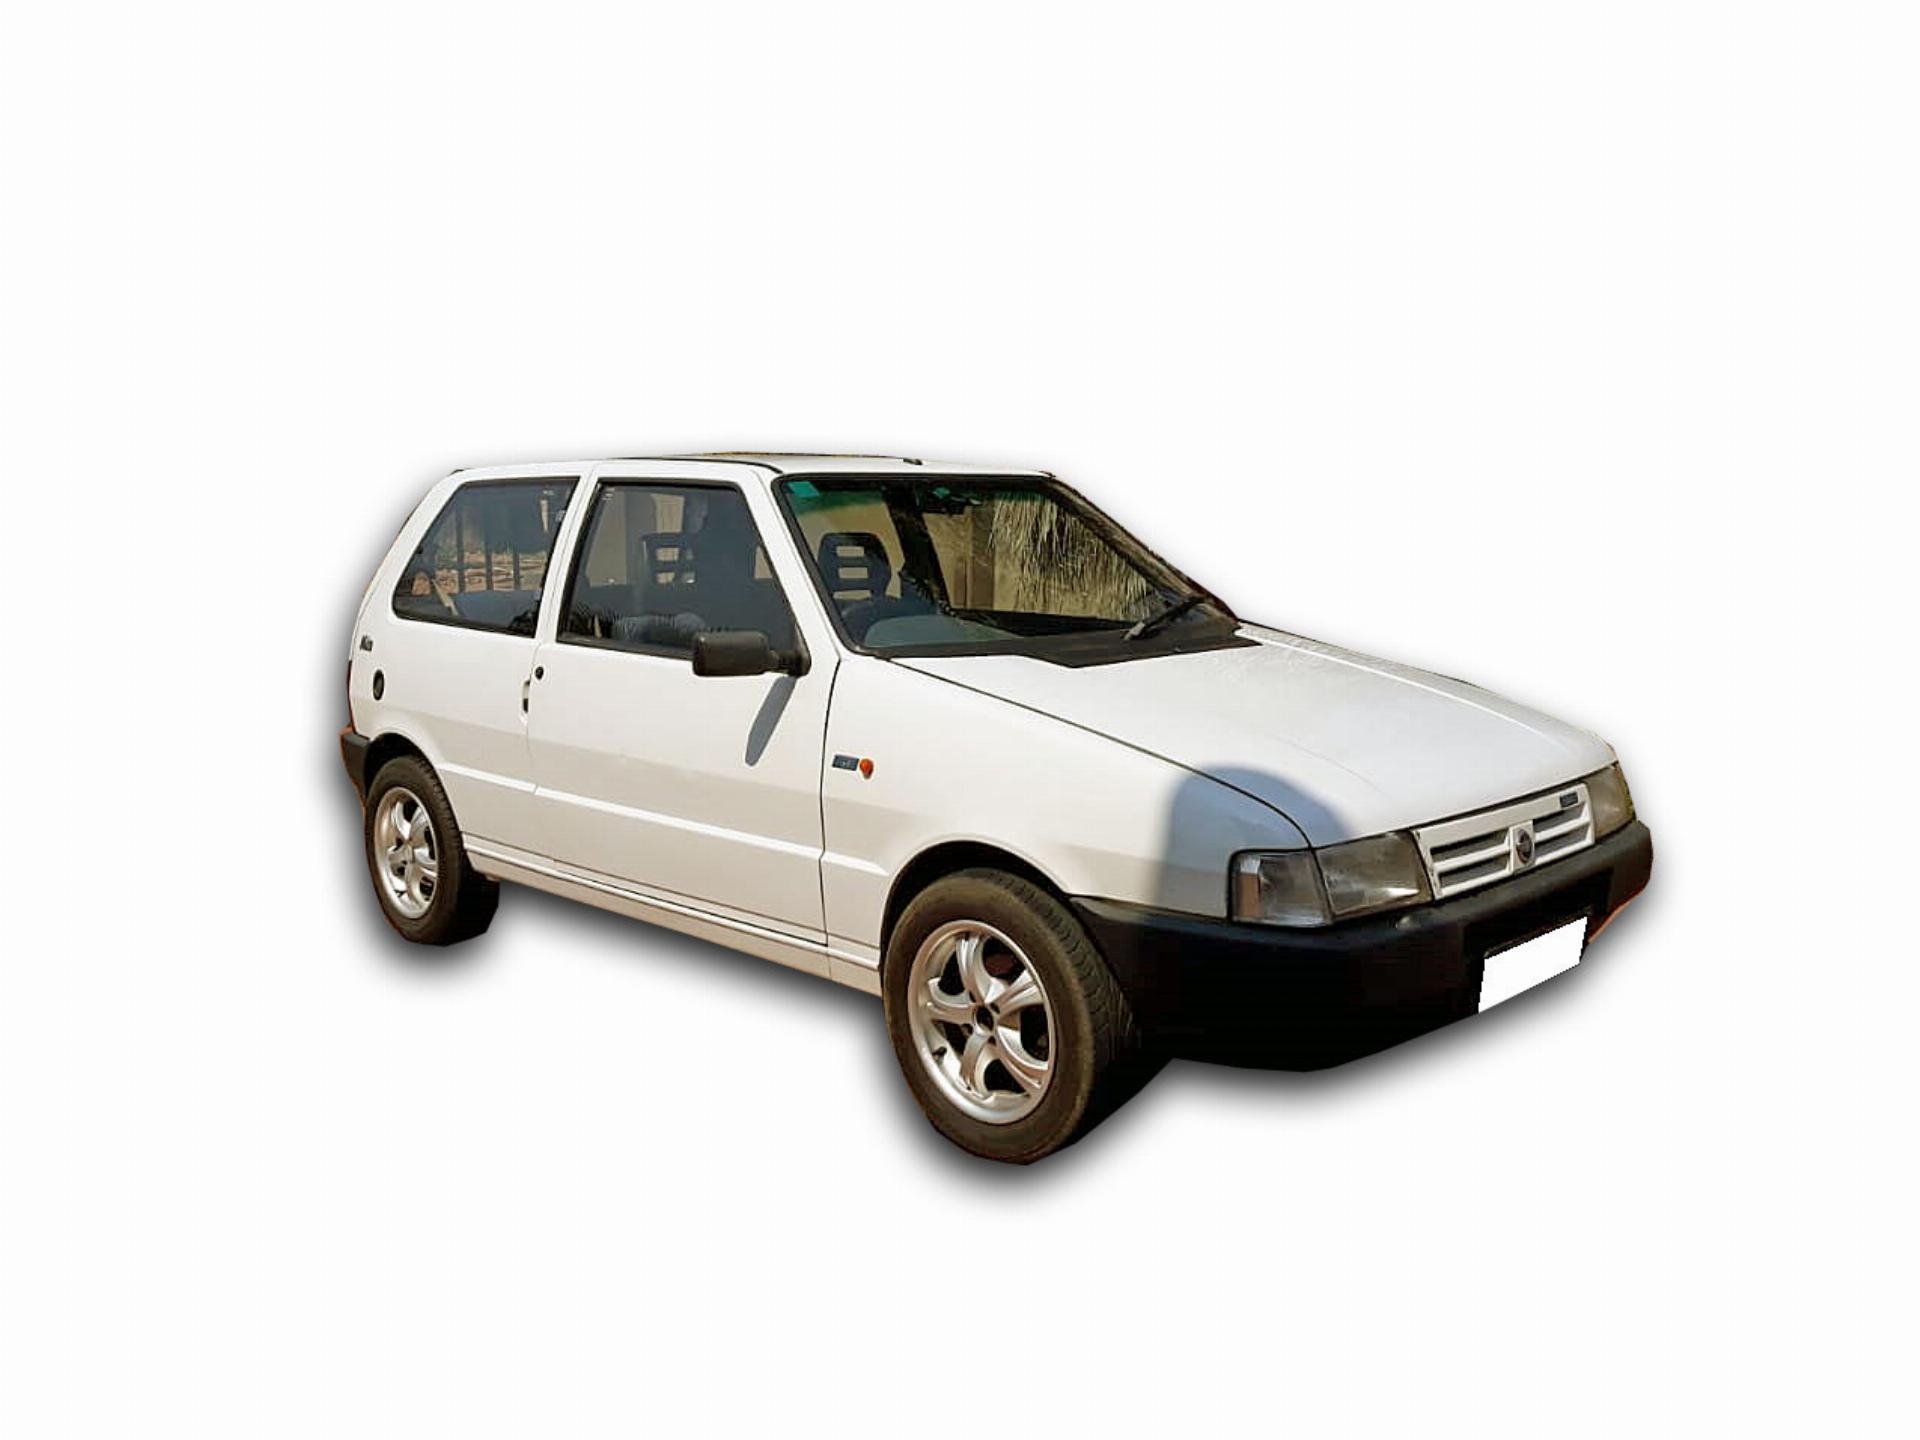 Fiat Uno Mia